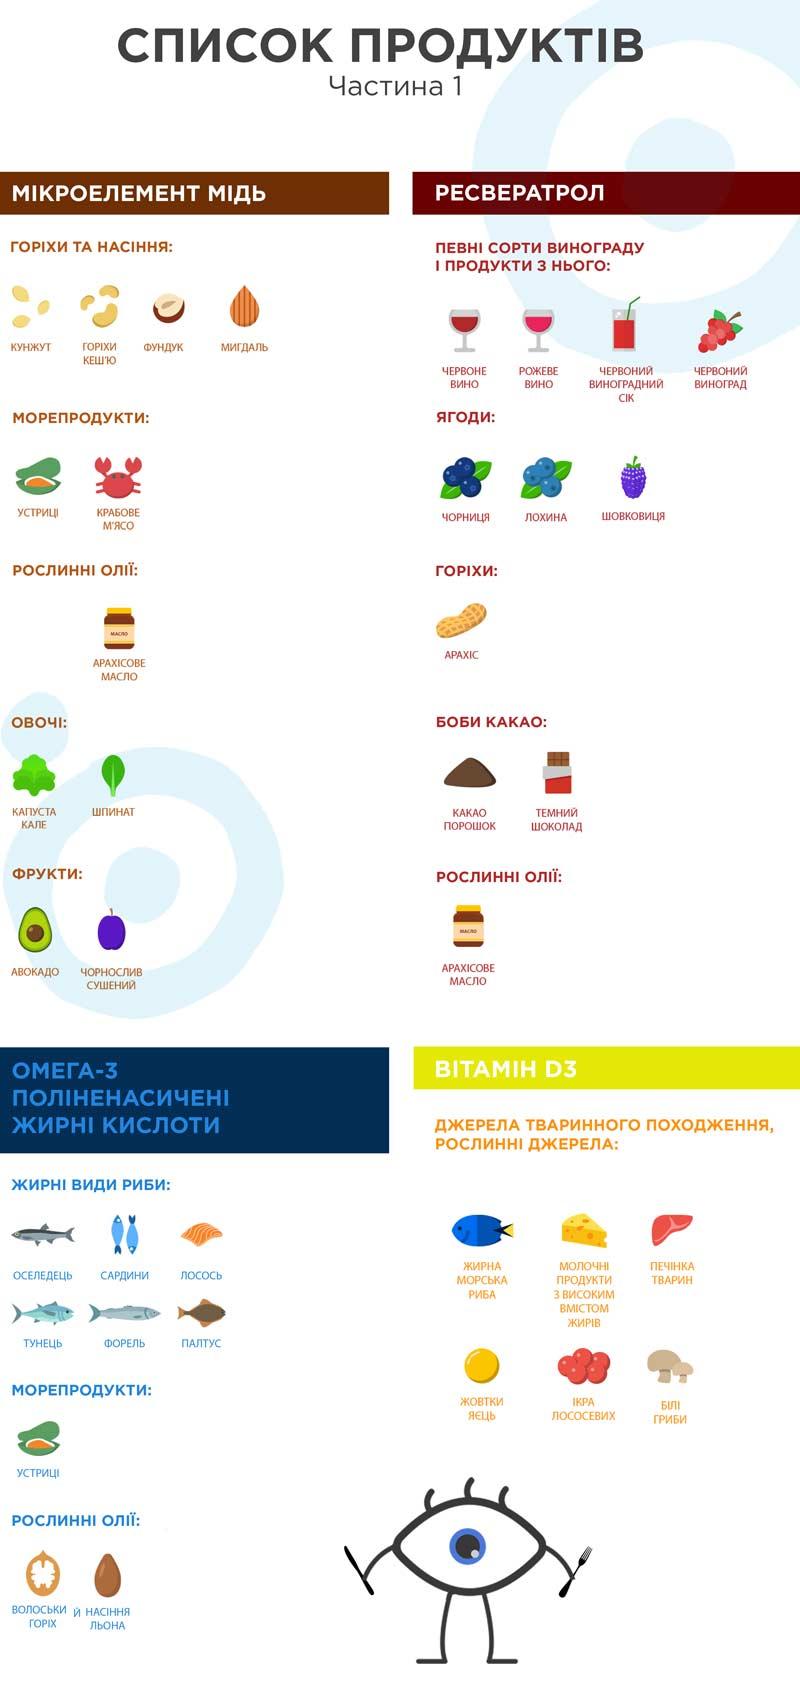 Список продуктів корисних для зору